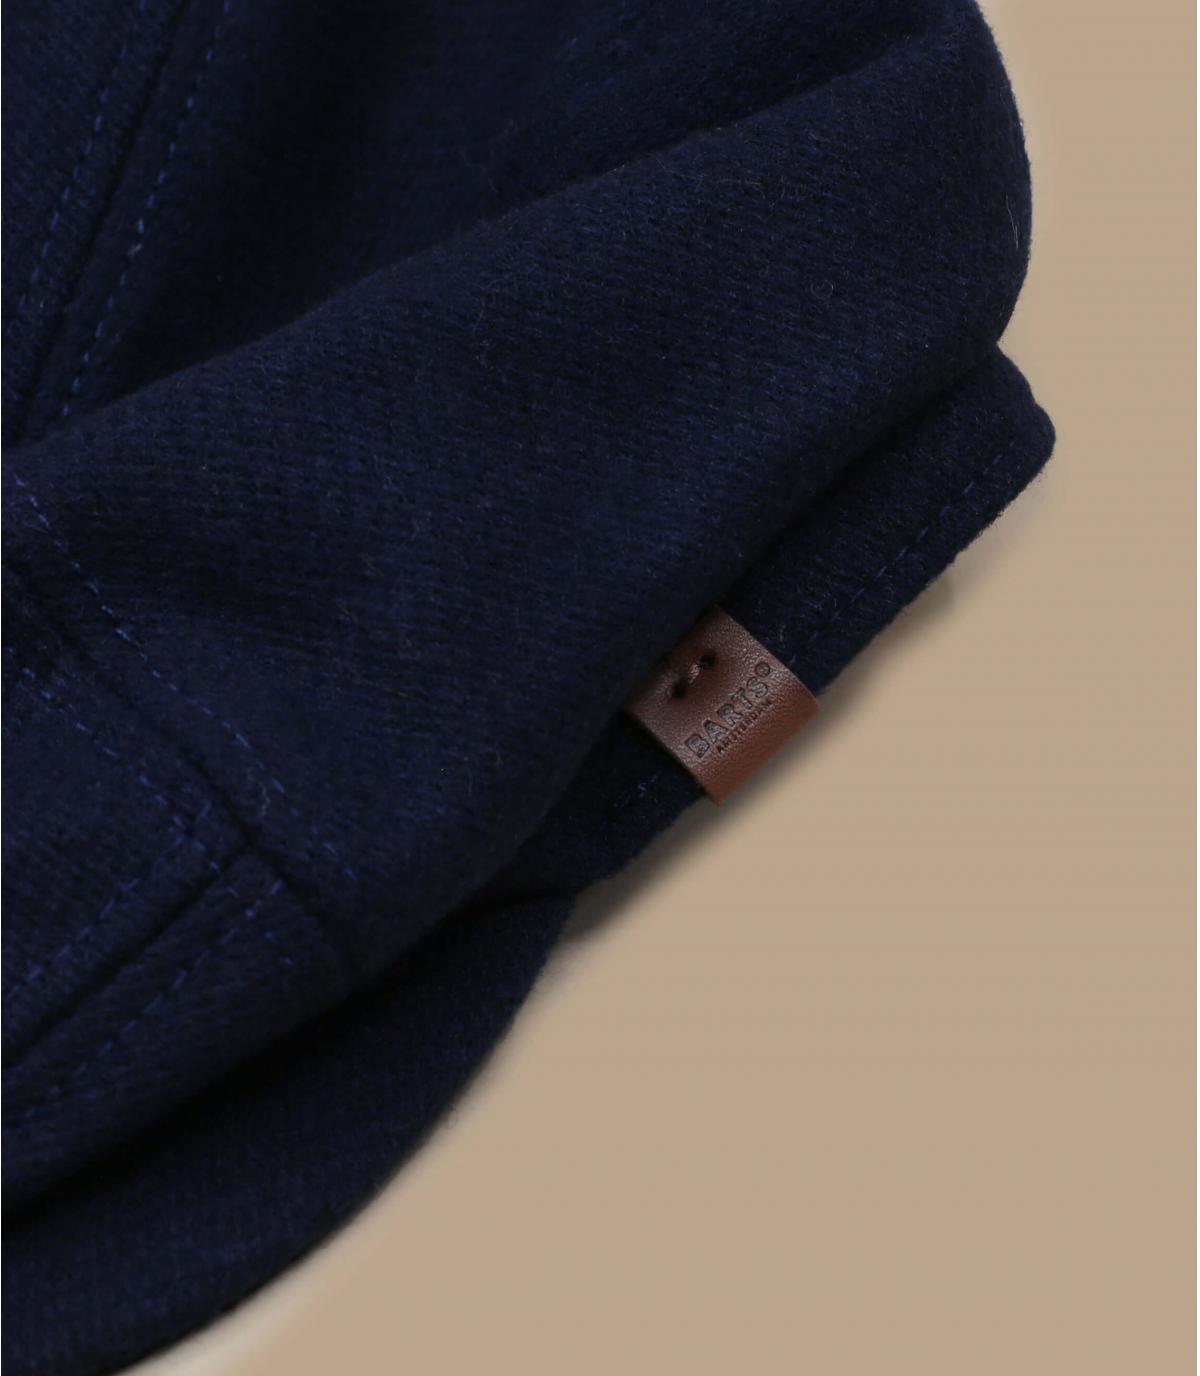 baret blauwe wol